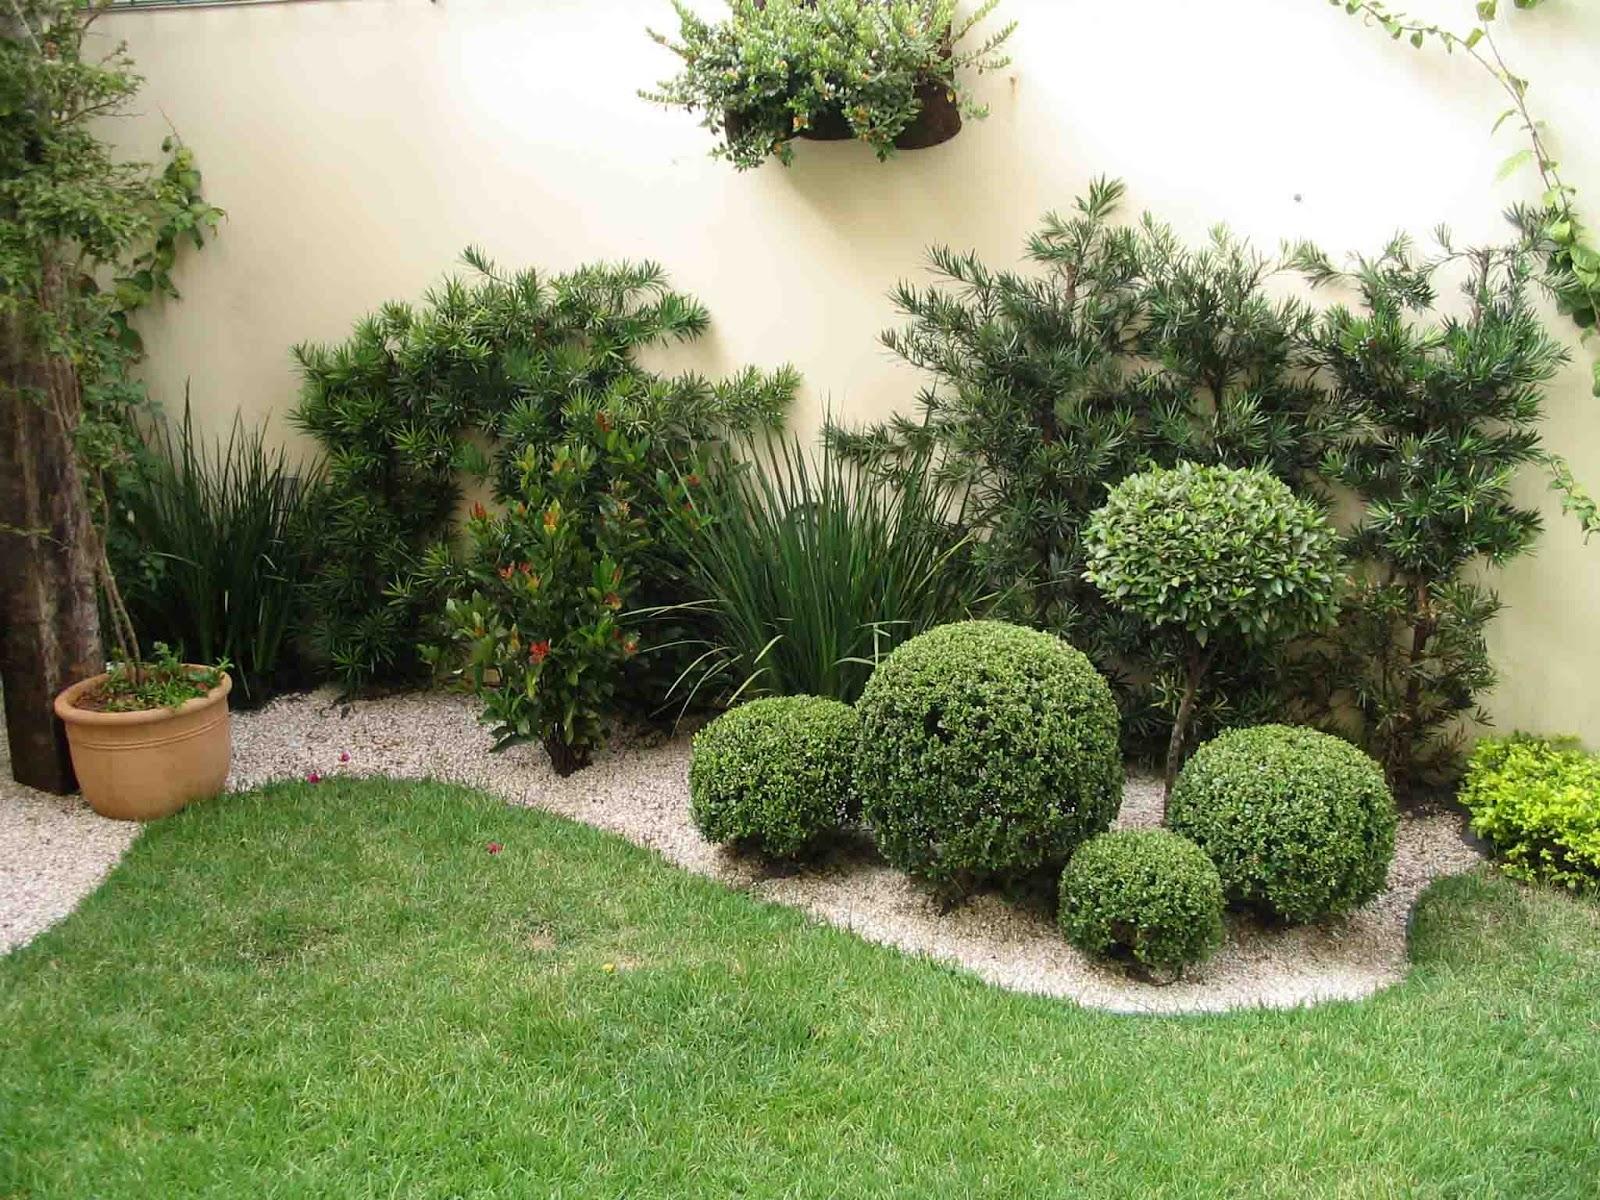 ideias para um jardim bonito:terça-feira, 12 de março de 2013